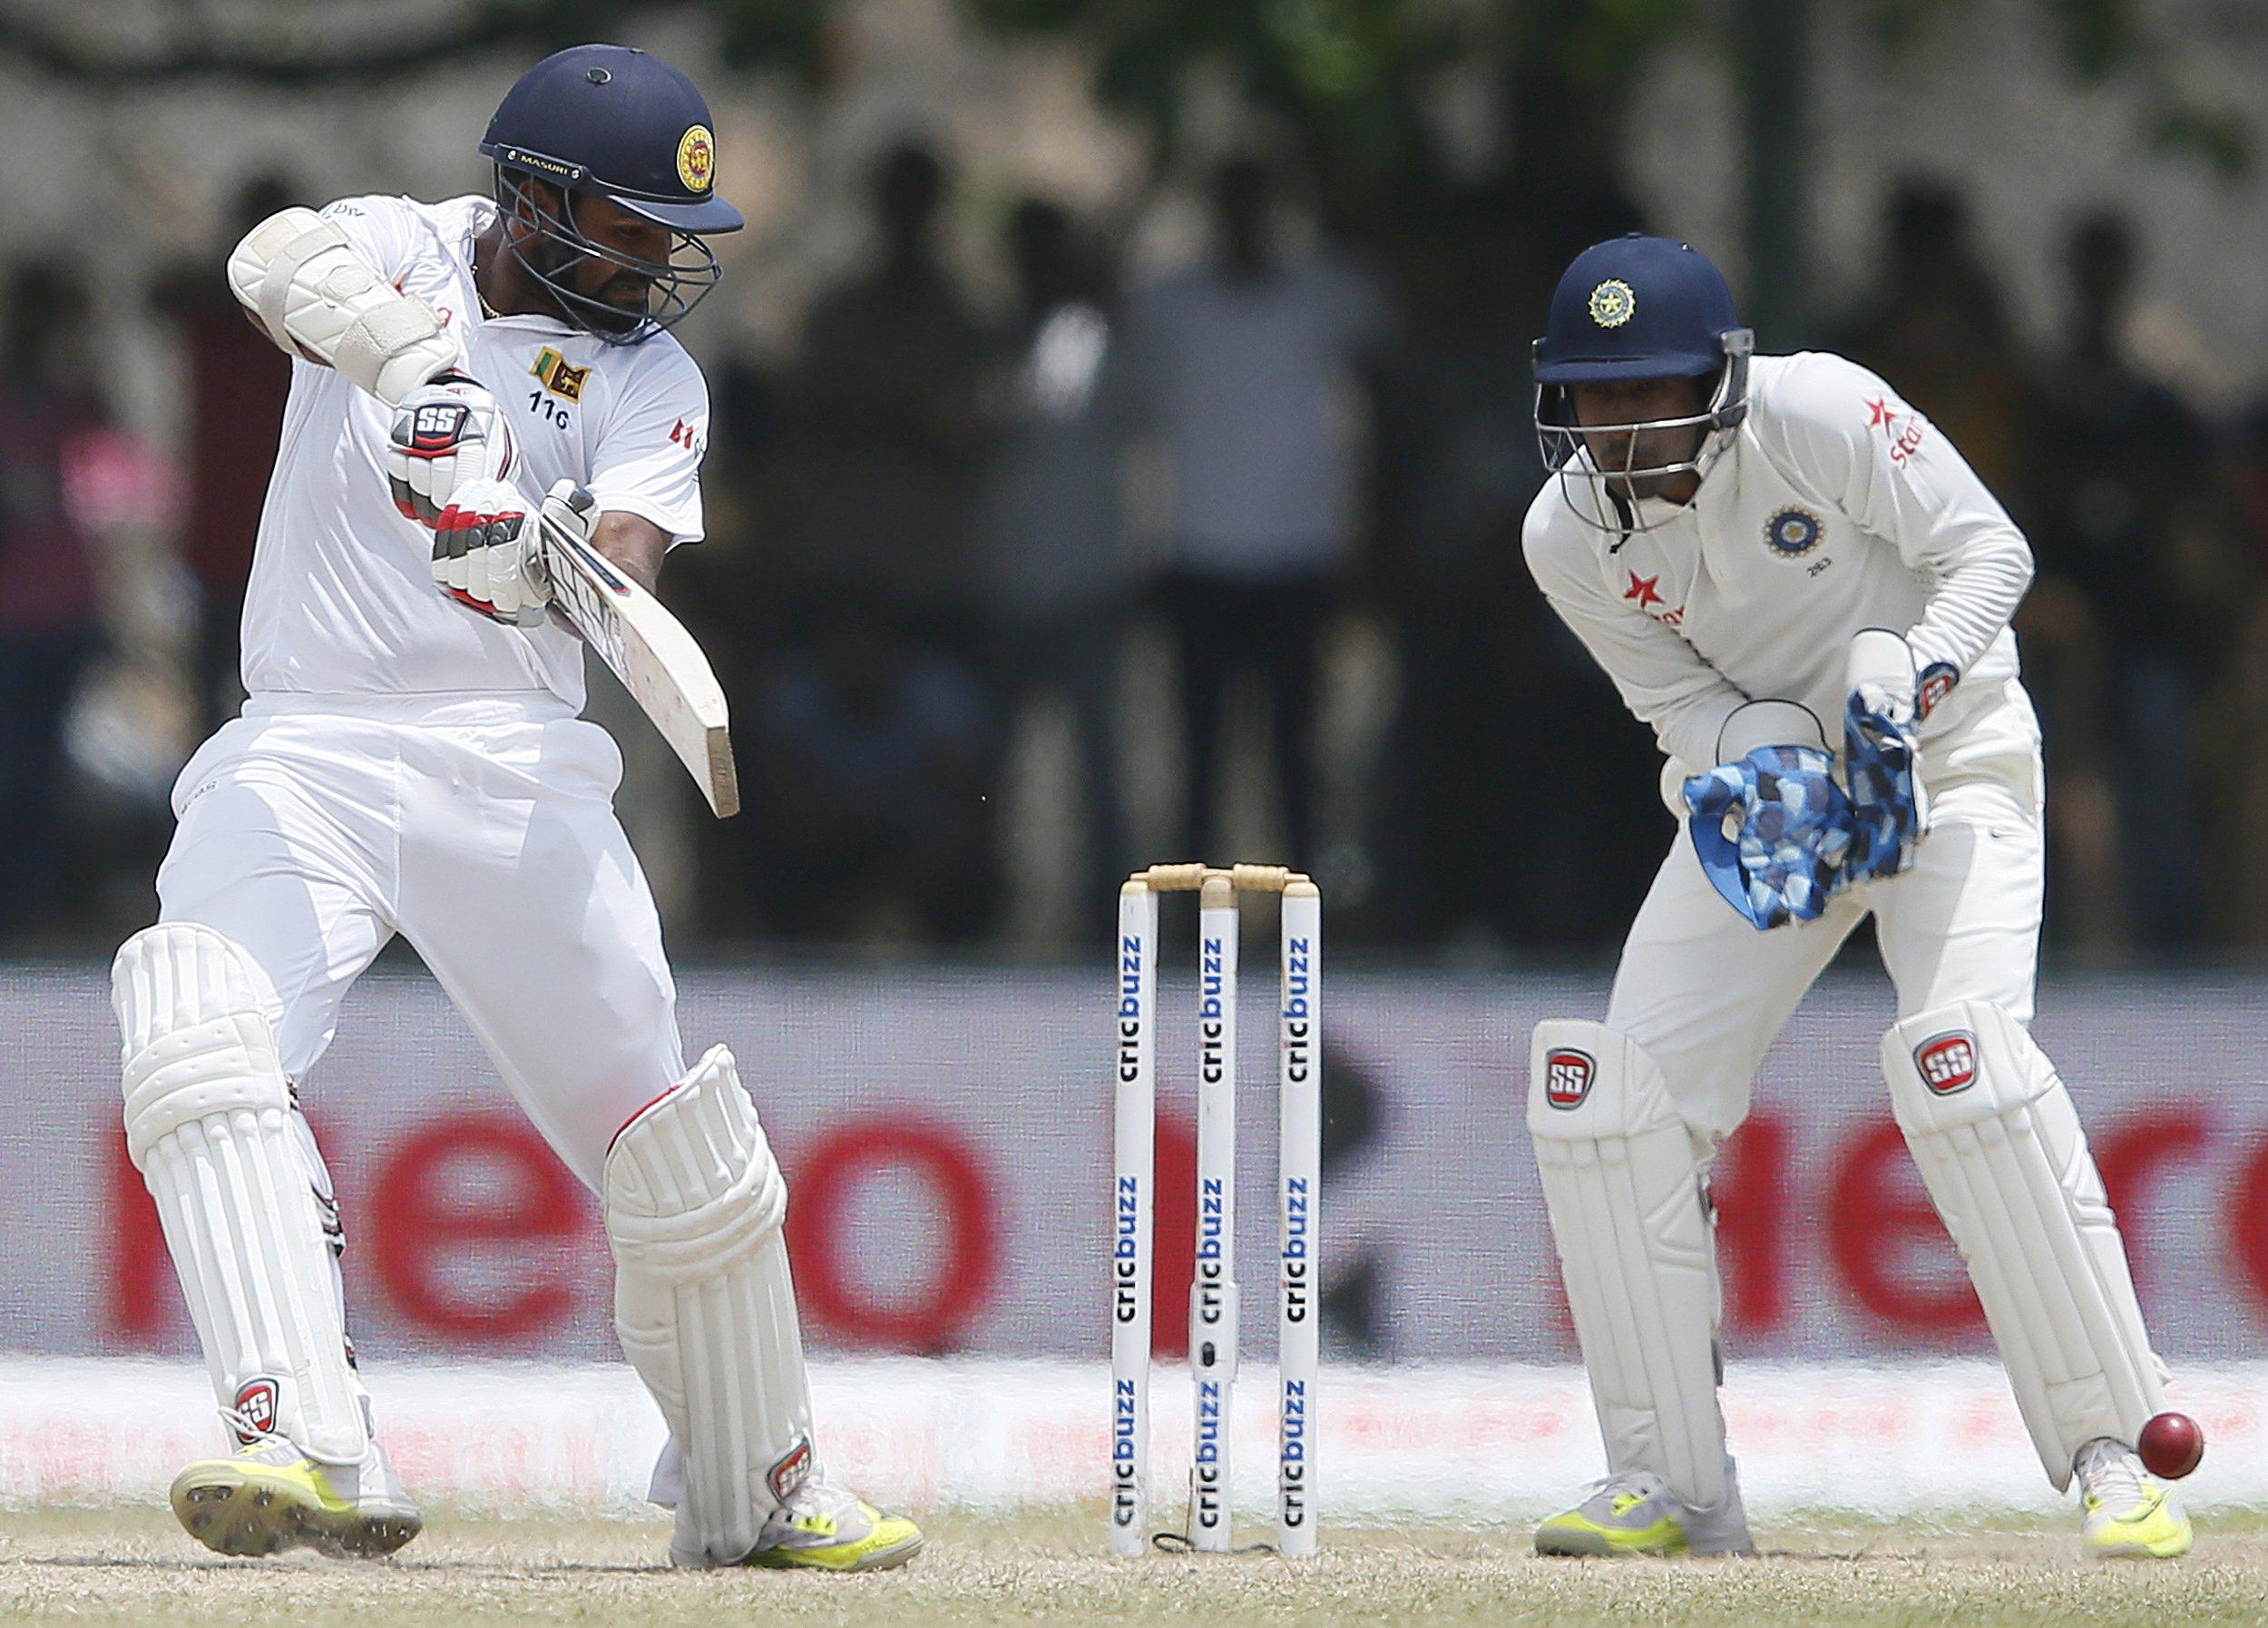 Sri Lanka's Lahiru Thirimanne